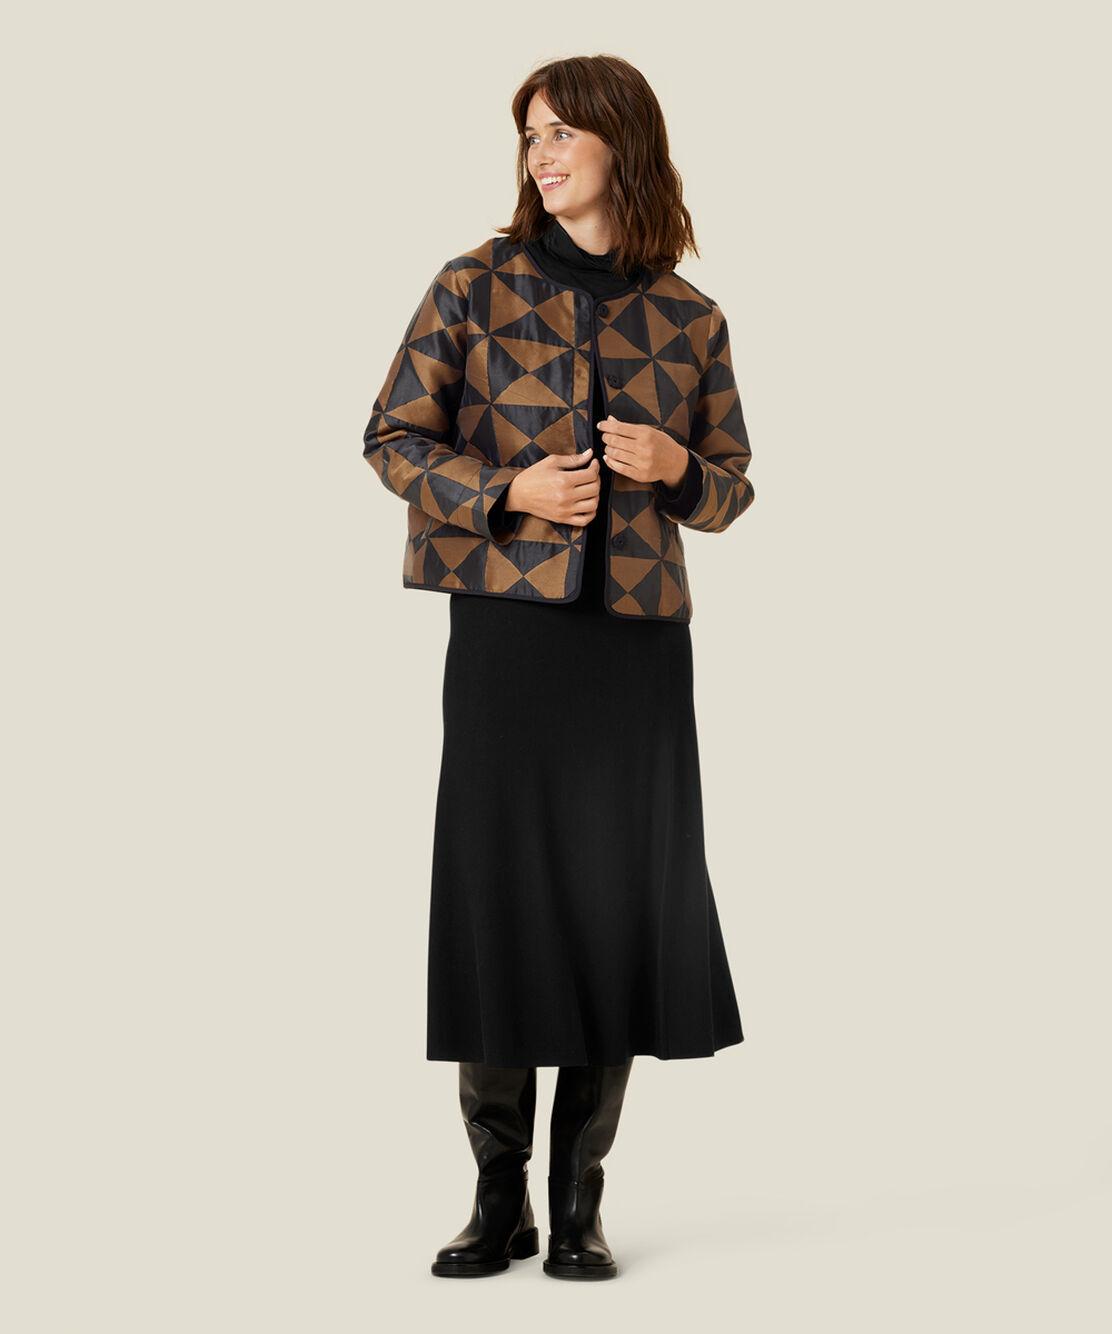 JOLEEN JAKKE, Monk's Robe, hi-res